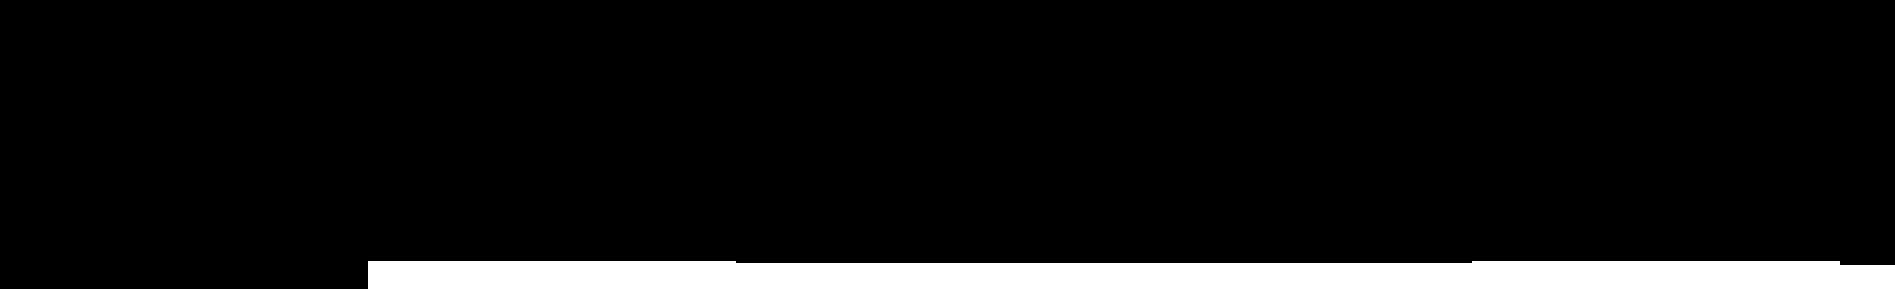 navbar-overlay